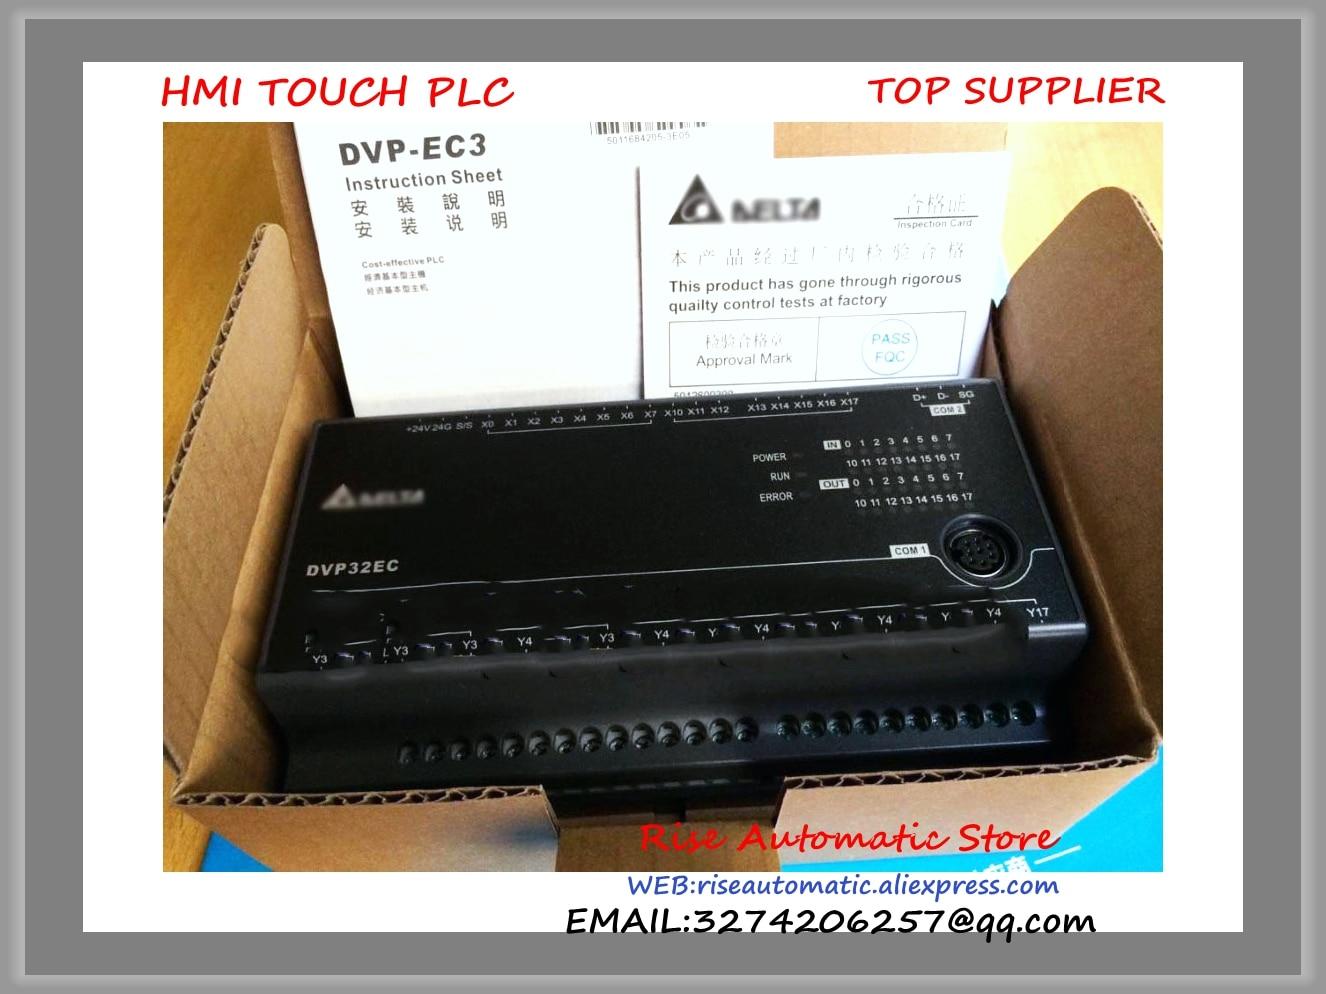 DVP32EC00T3 New Original Delta PLC EC3 series 100-240VAC 16DI 16DO Transistor output dvp32es00t2 delta plc 100 240vac 16di 16do transistor output new original